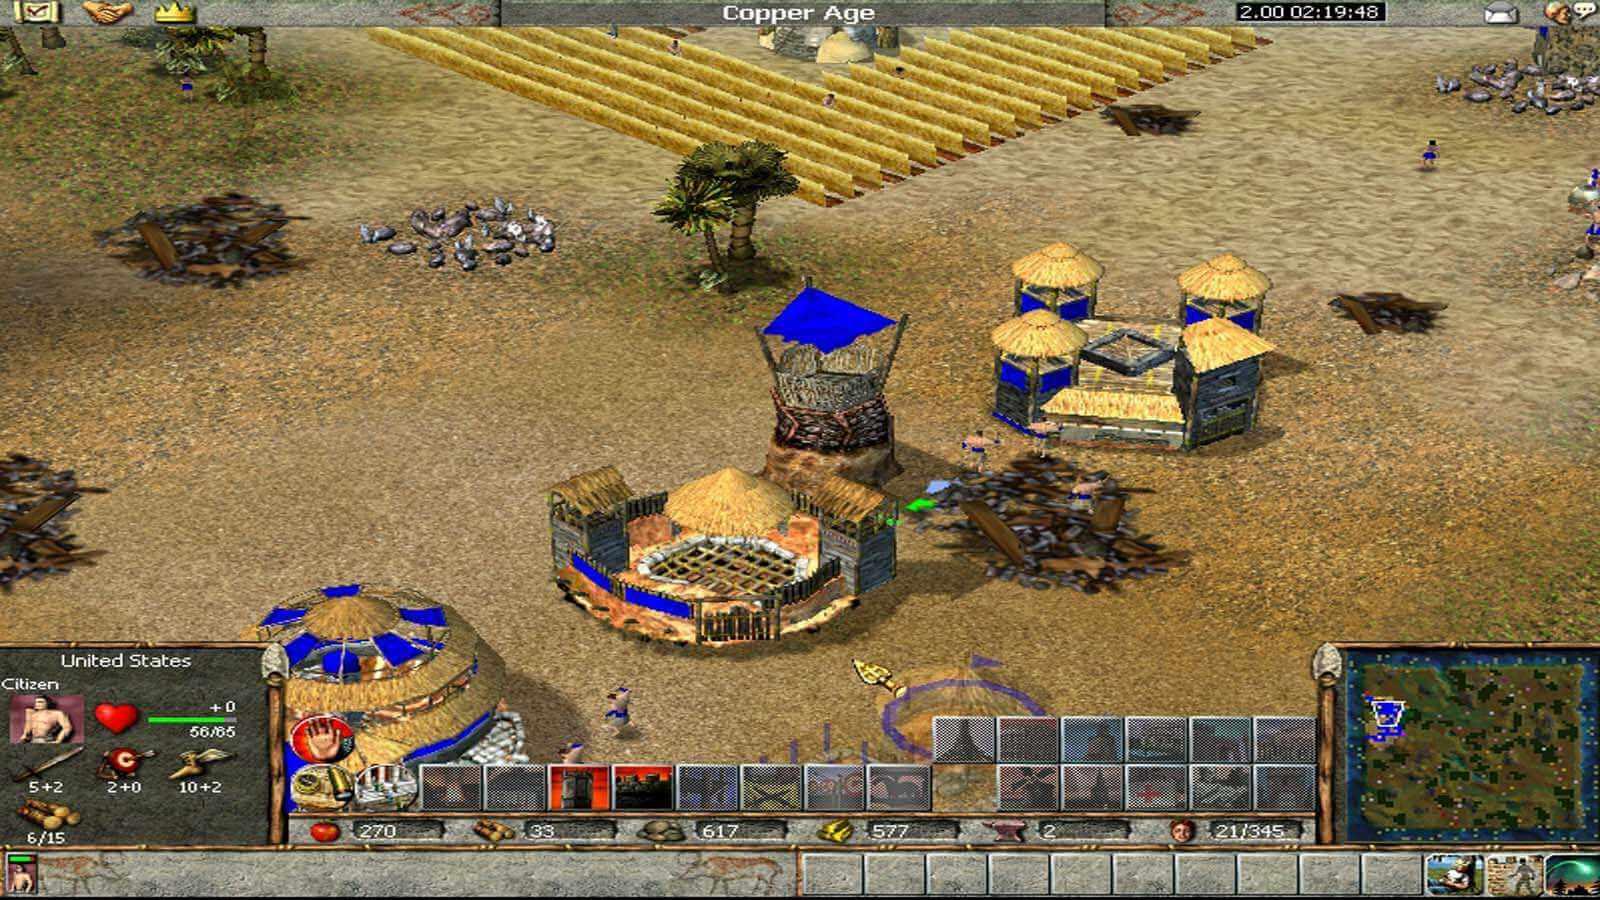 تحميل لعبة Empire Earth مضغوطة برابط واحد مباشر + تورنت كاملة مجانا